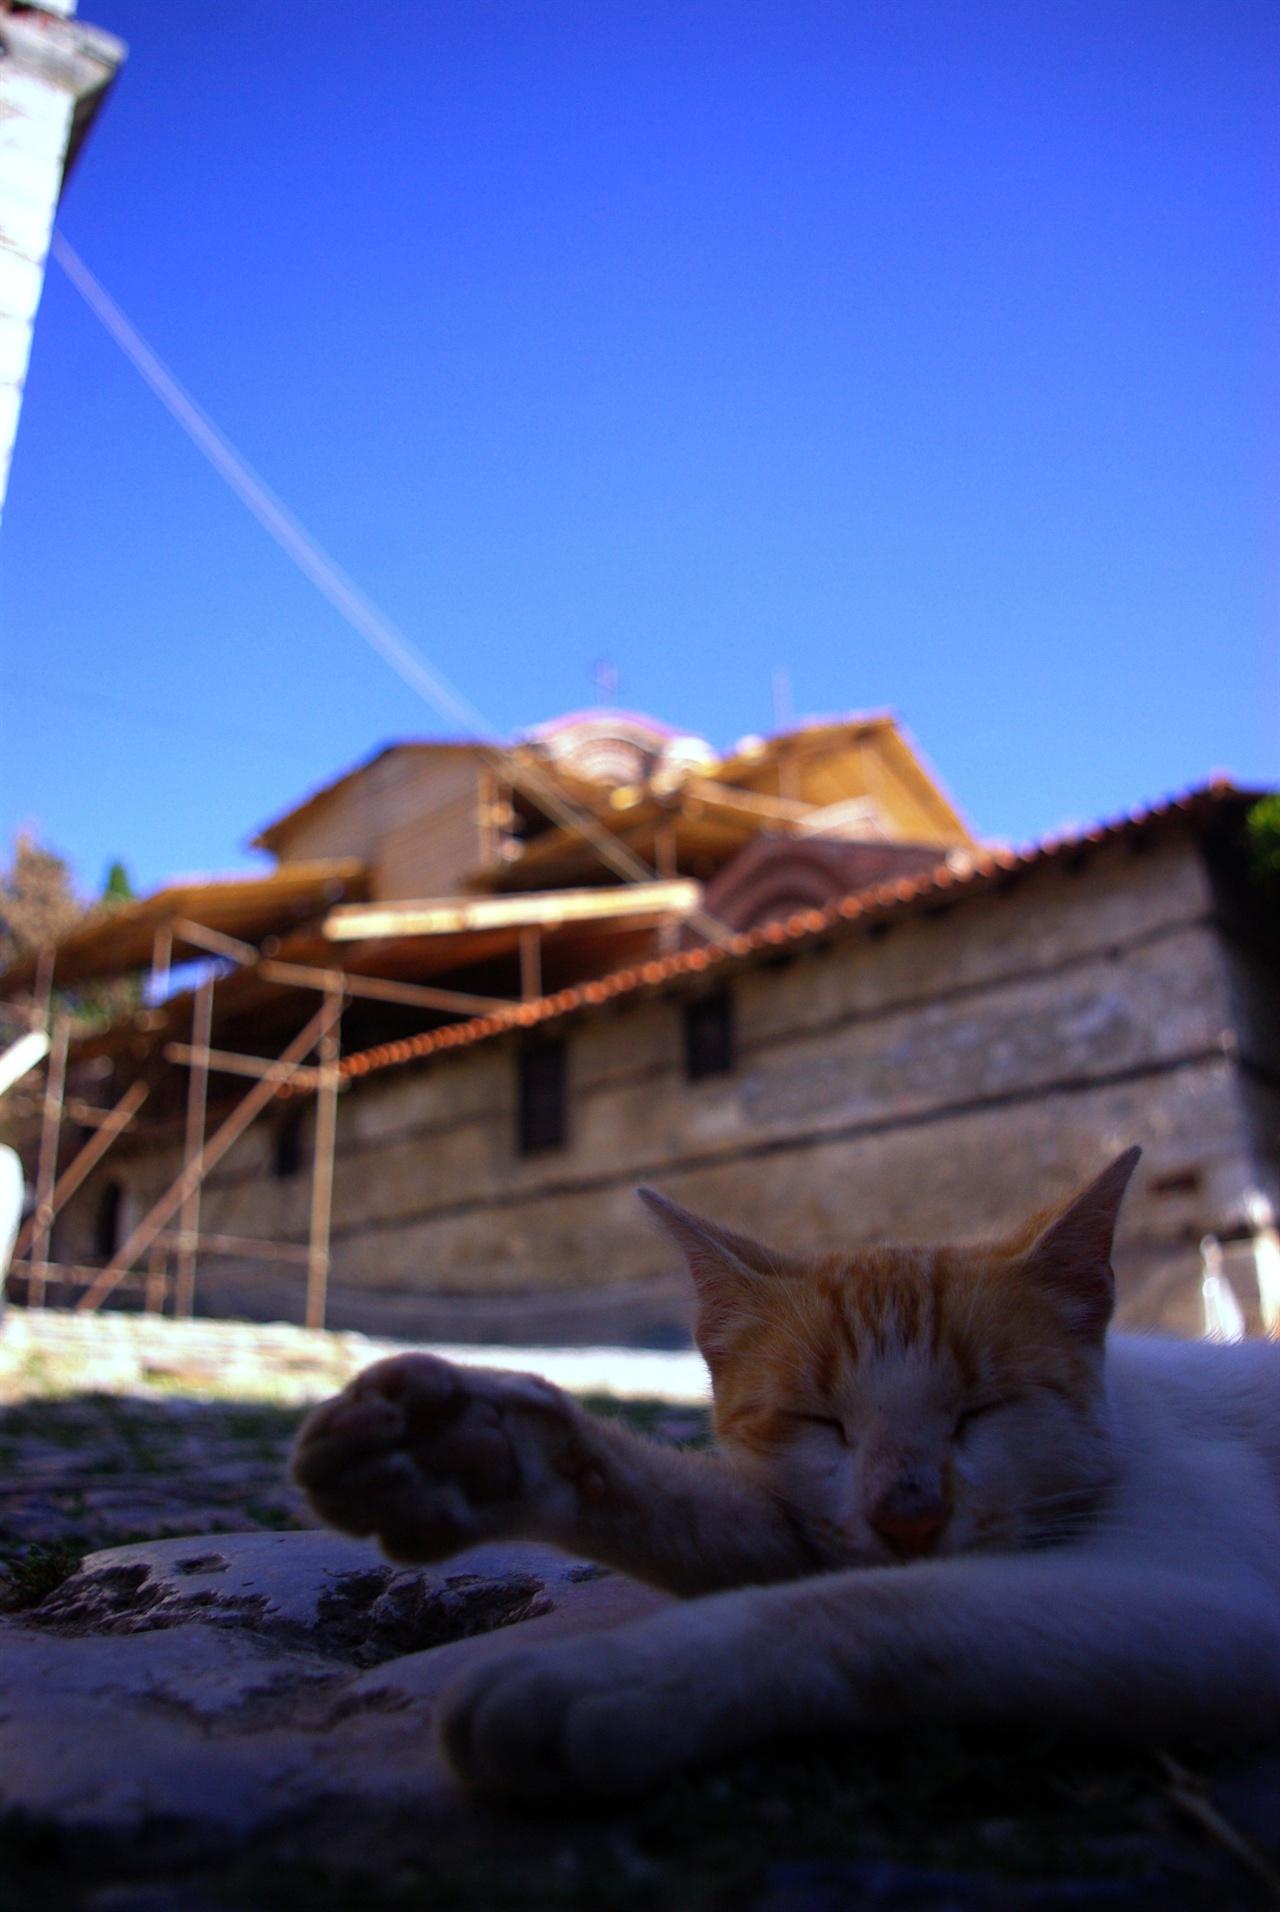 오흐리드에선 고양이도 평화로운 낮잠을 즐긴다.